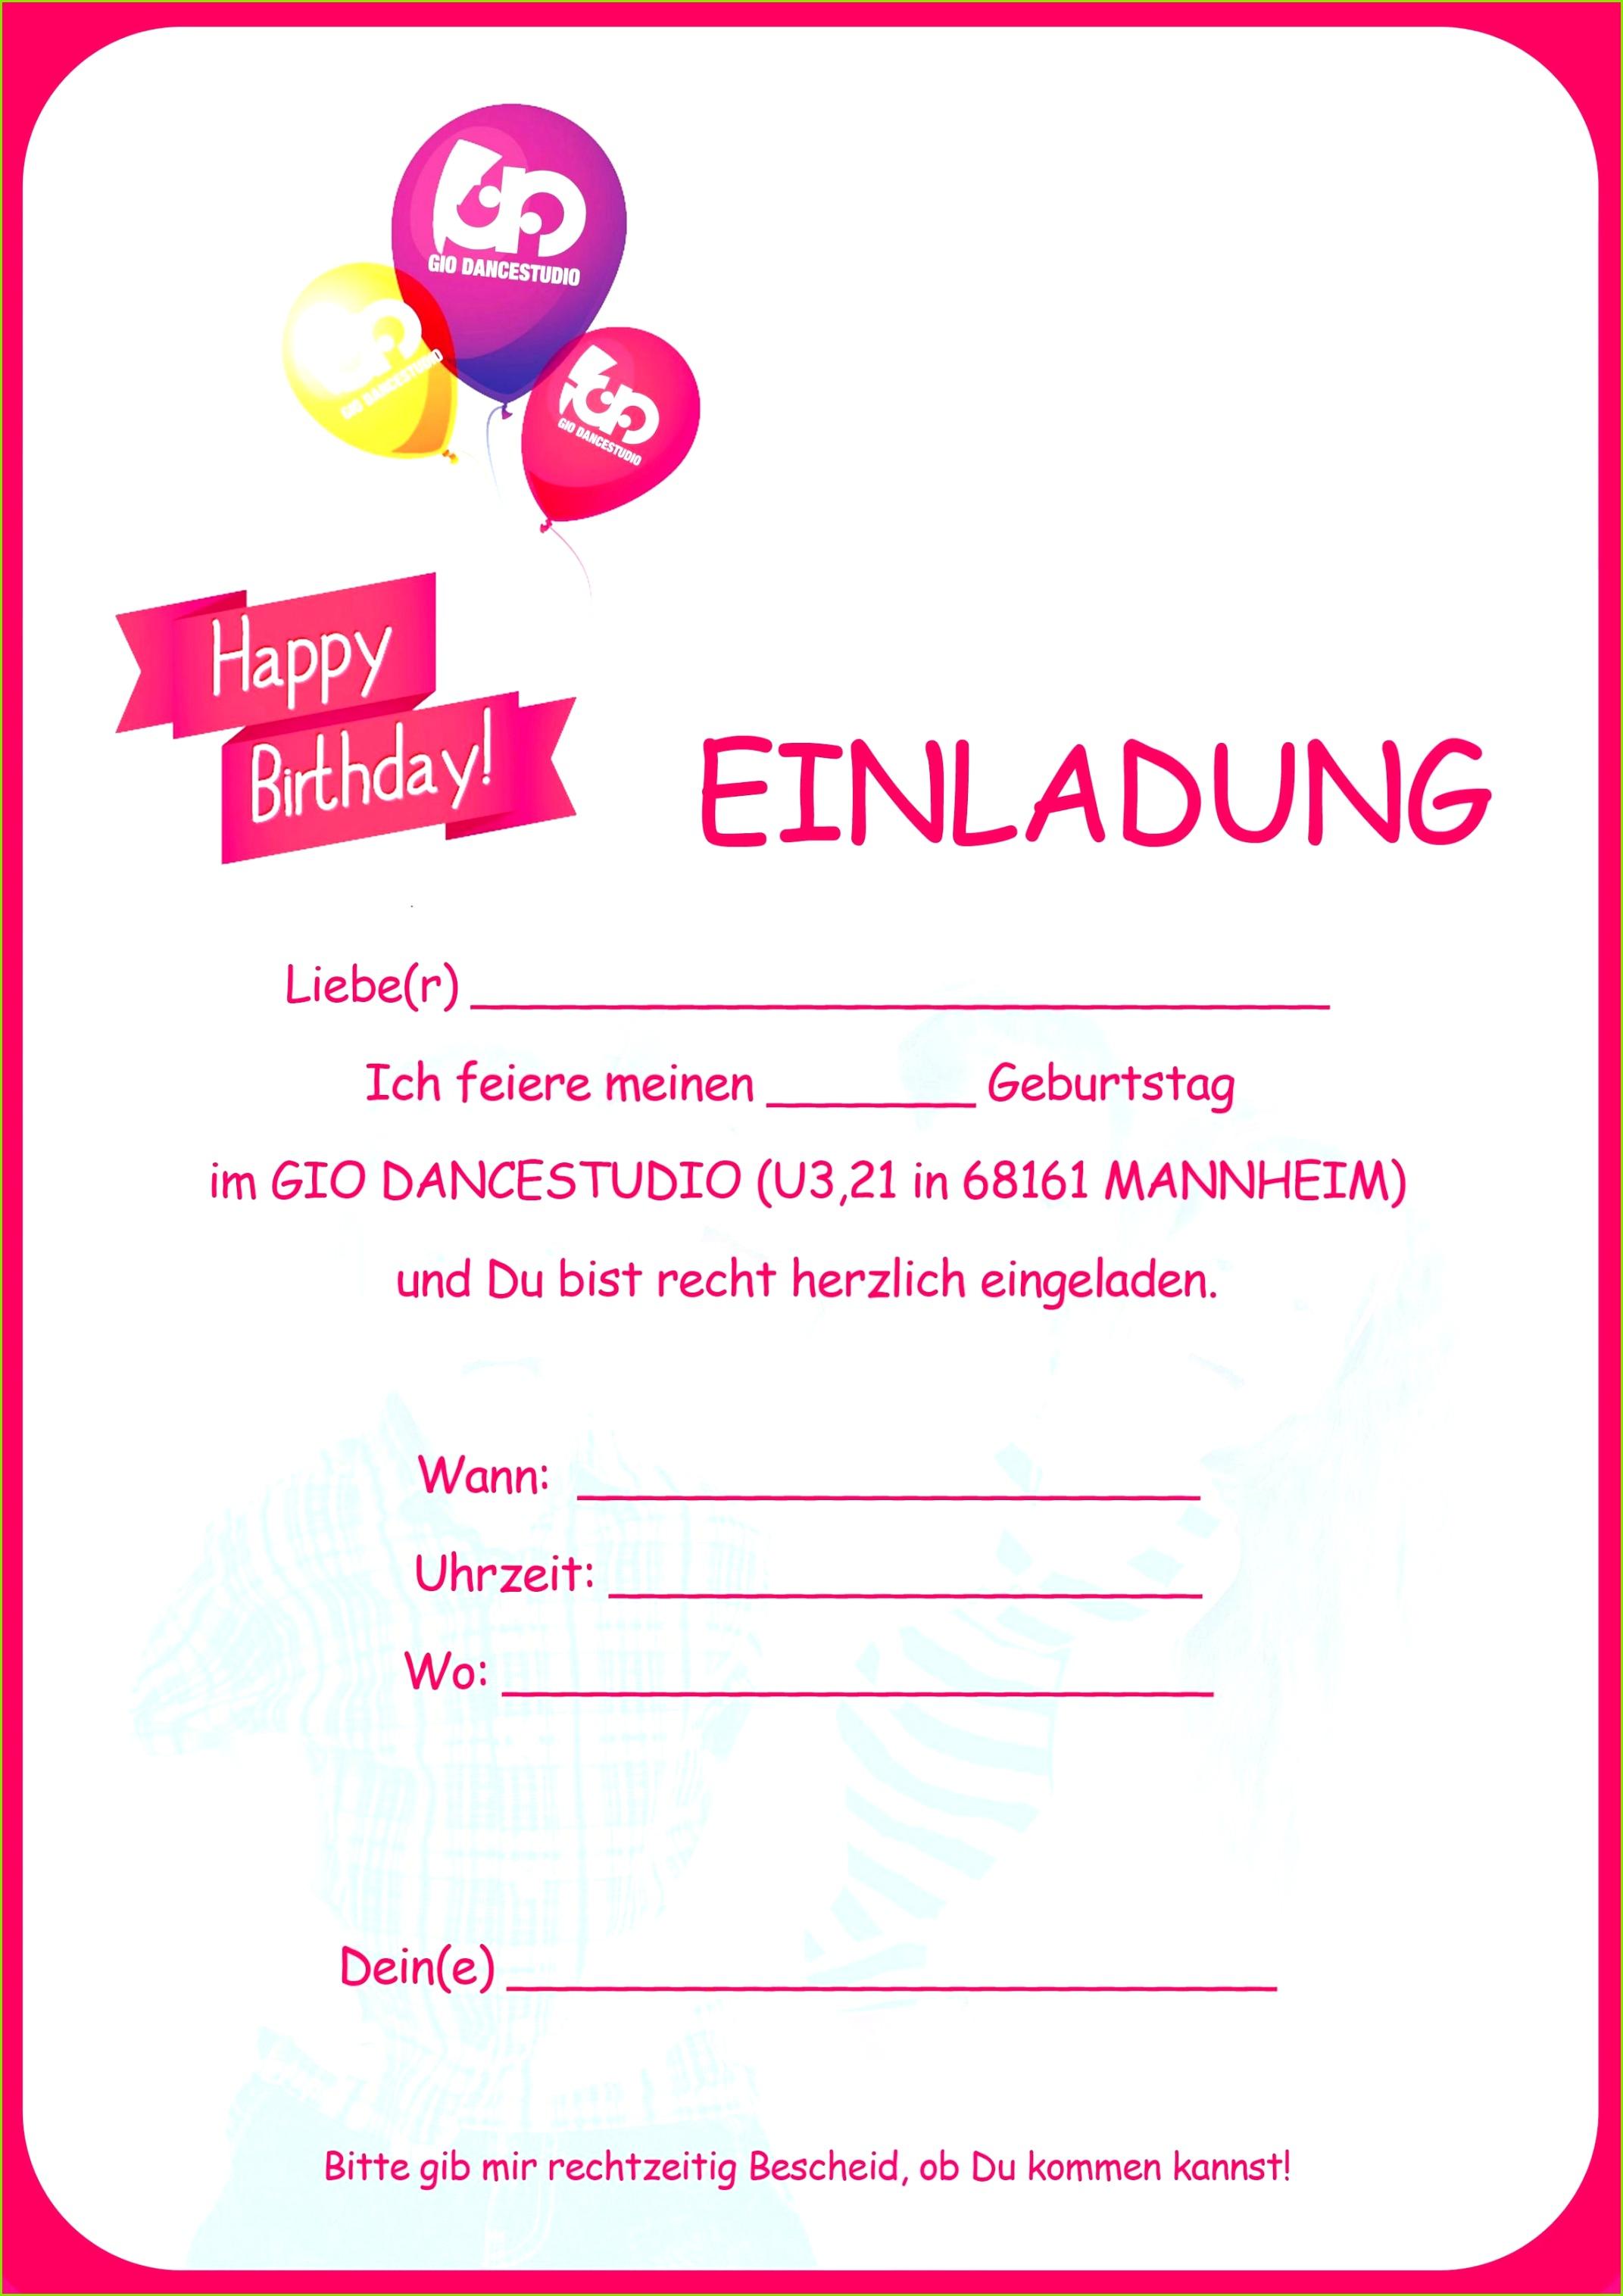 Willst Du Mit Mir Geburtstag Feiern Fresh Einladungskarten Geburtstag Mit Foto Coole Einladungskarten 0d